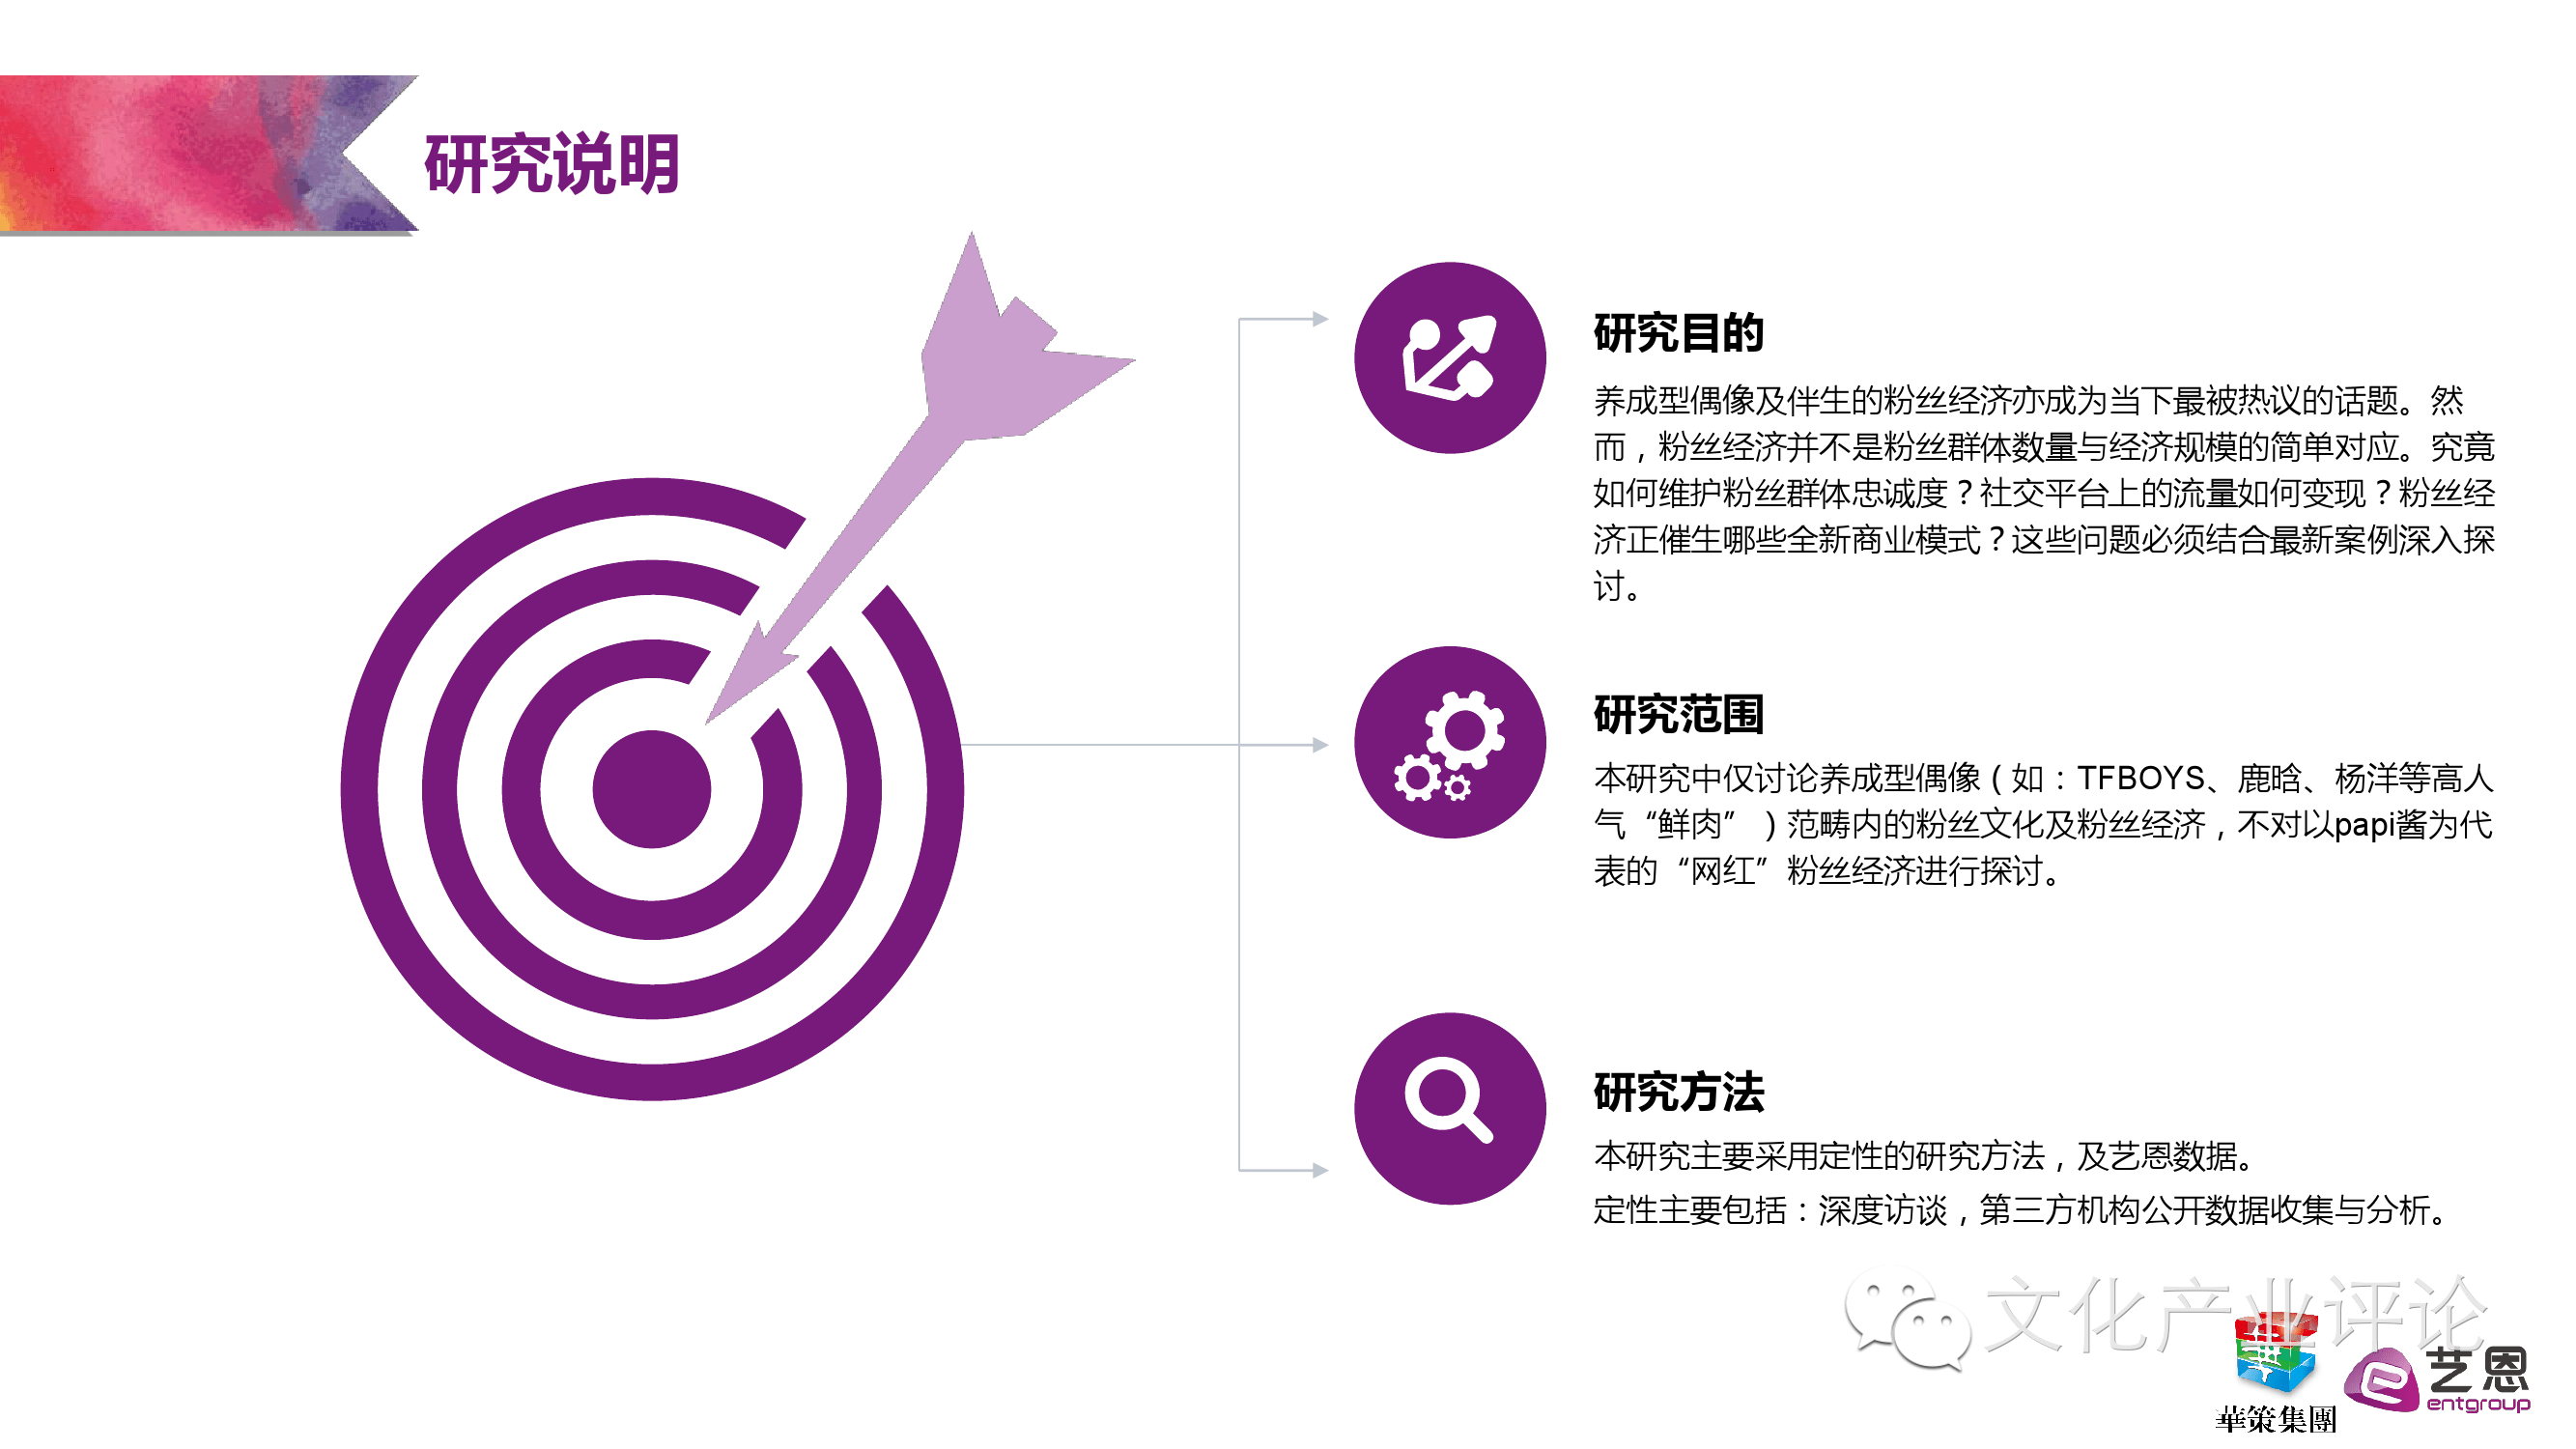 粉丝经济研究报告